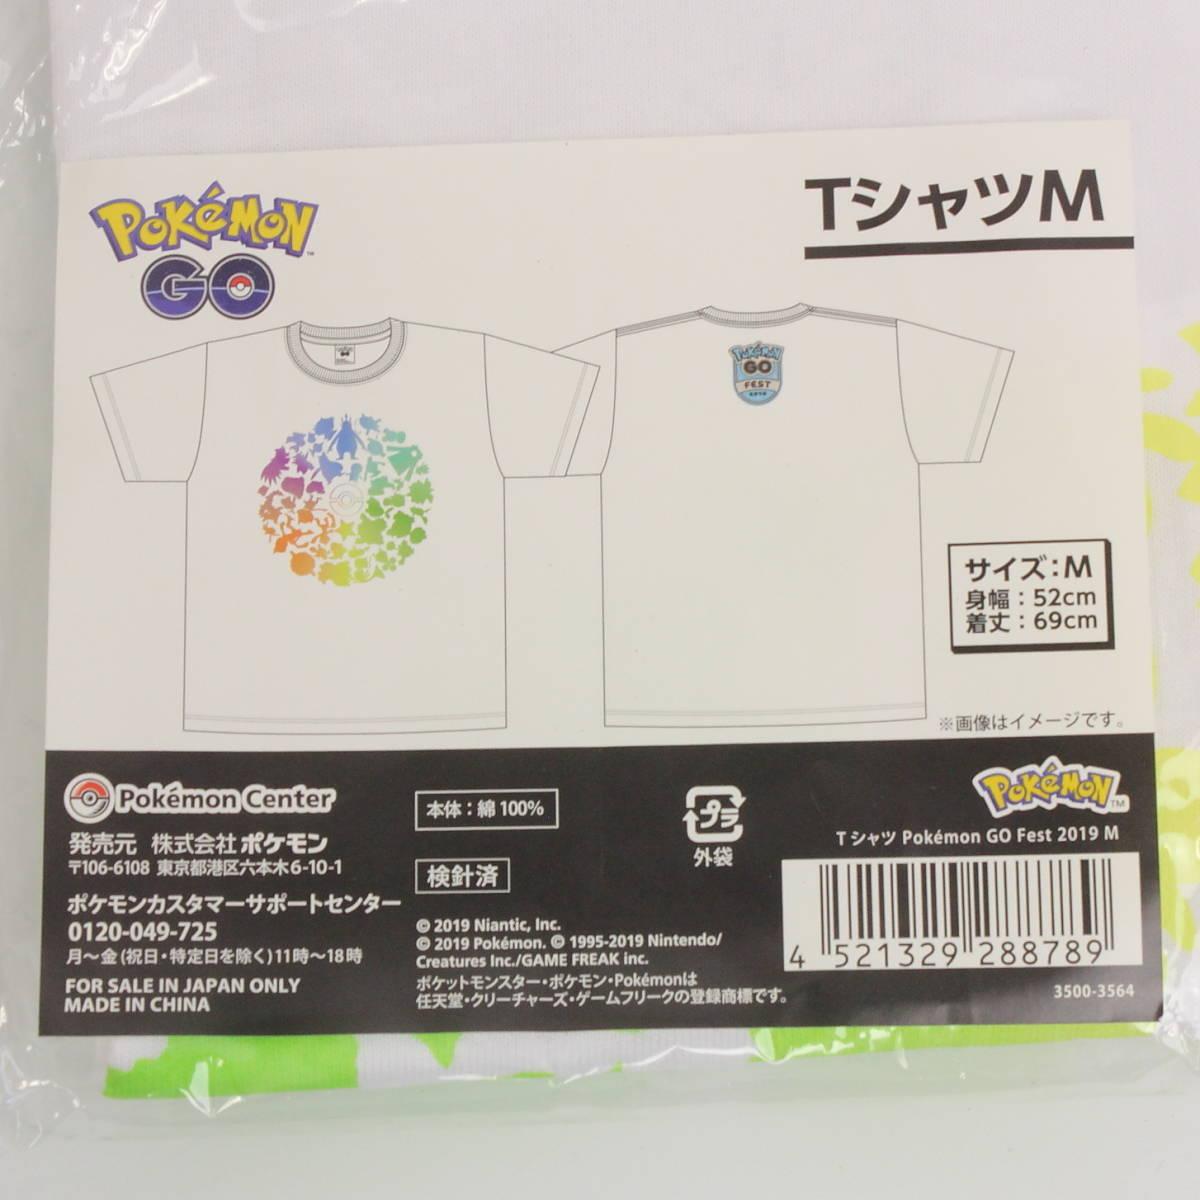 ポケモンGO 横浜 Pokemon GO Fest Yokohama 2019 Tシャツ フェスT Mサイズ ホワイト 限定 ゴプラ モンスターボールプラス_画像2